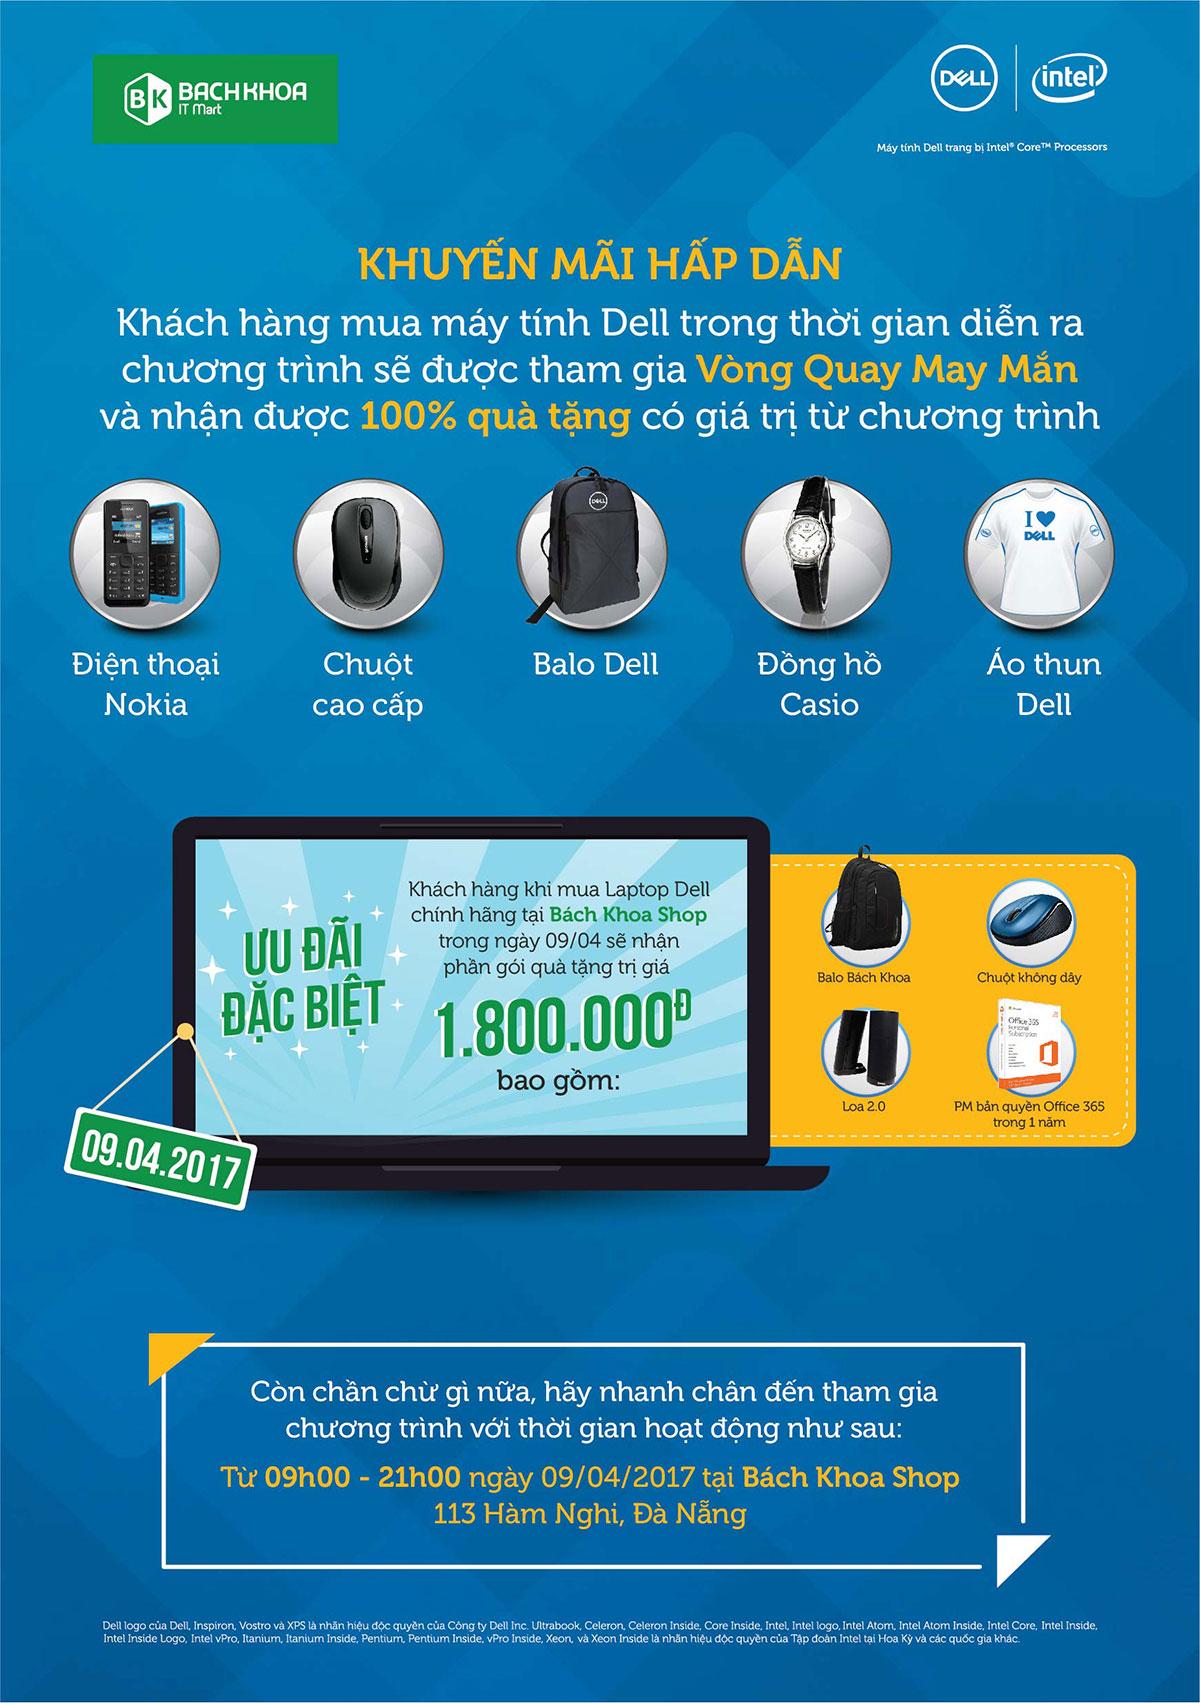 Ngày hội người tiêu dùng máy tính Dell tại Đà Nẵng